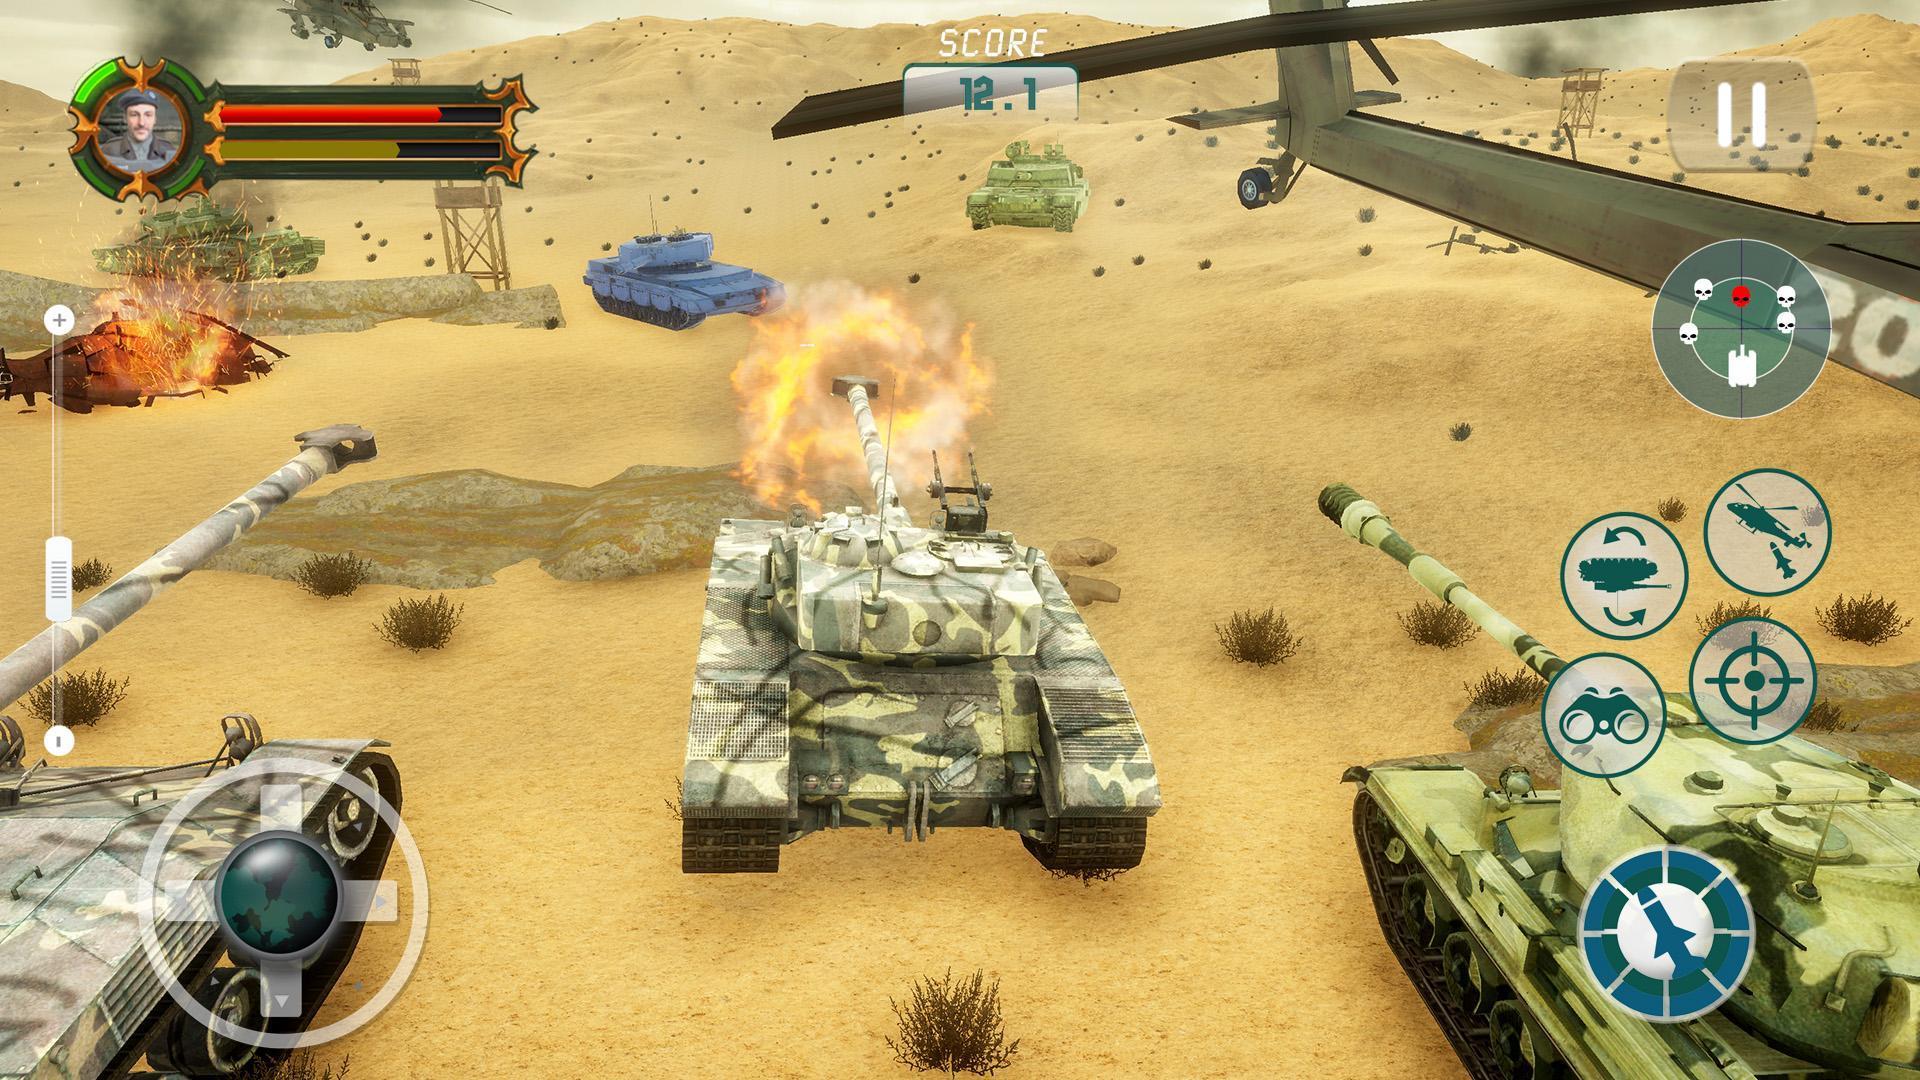 Battle Tank games 2020: Offline War Machines Games 1.6.1 Screenshot 19